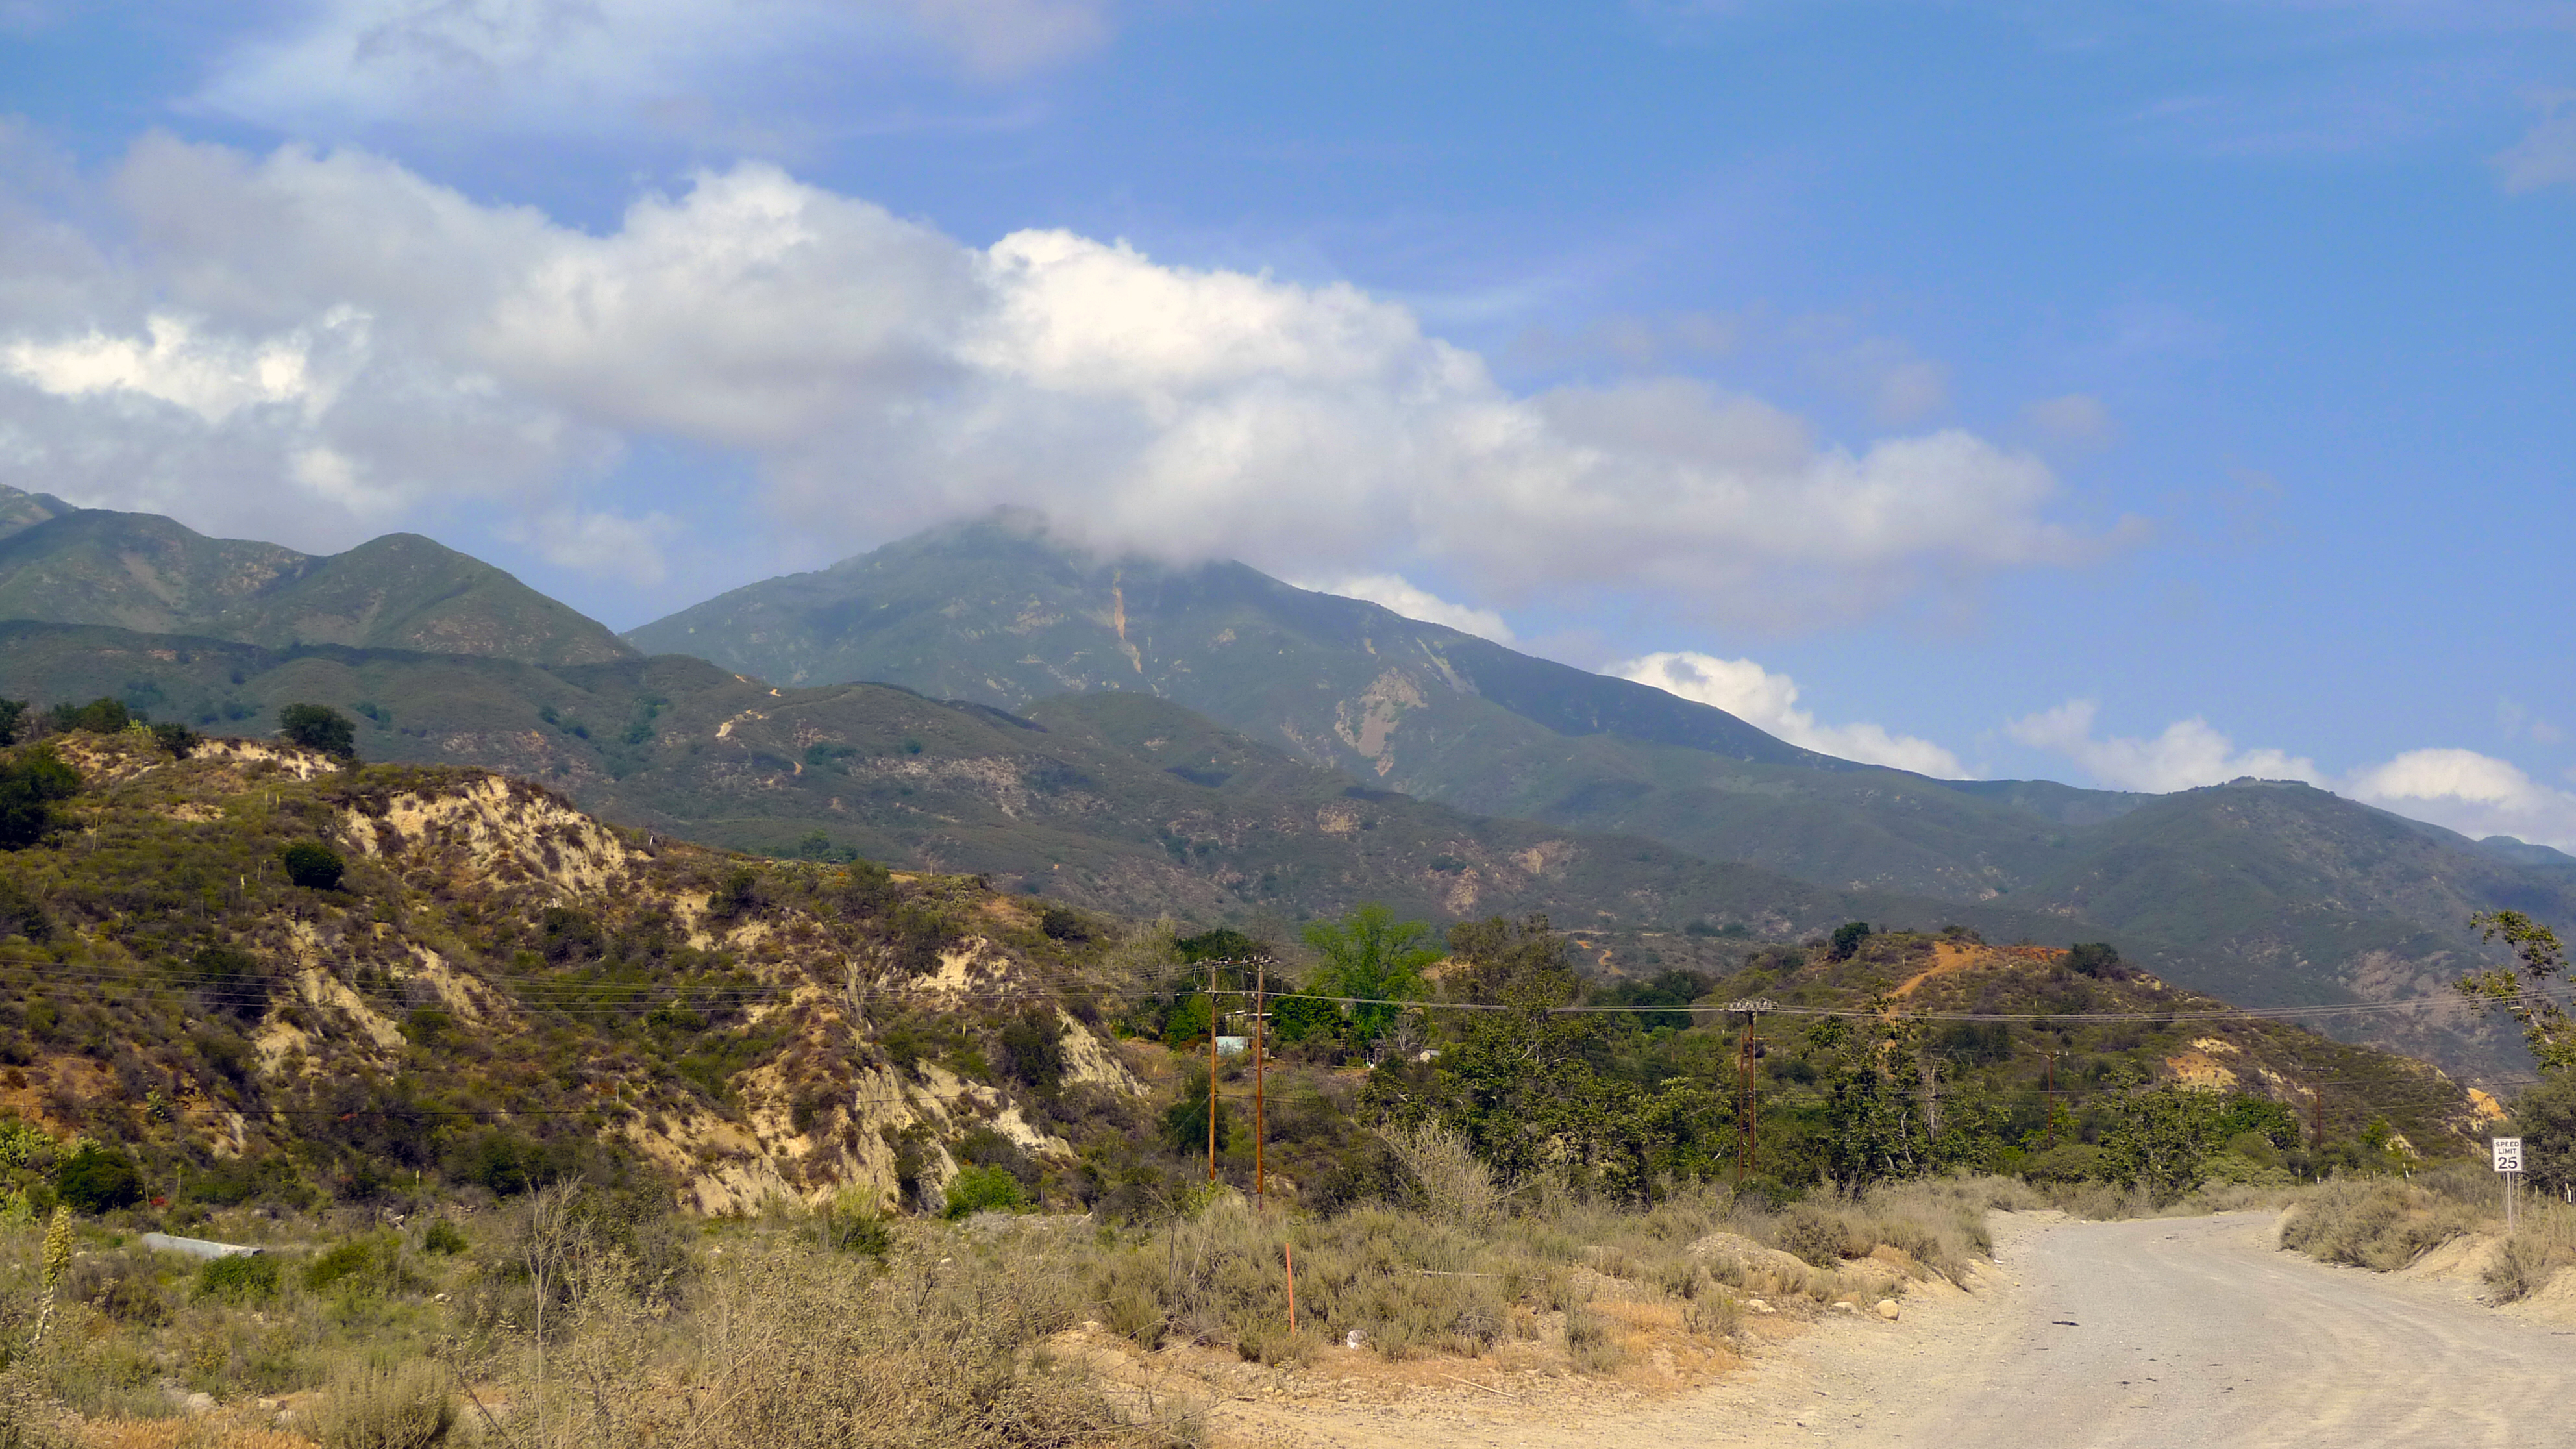 Canyon Areas (Coto de Caza, Rancho Santa Margarita, Trabuco Canyon)